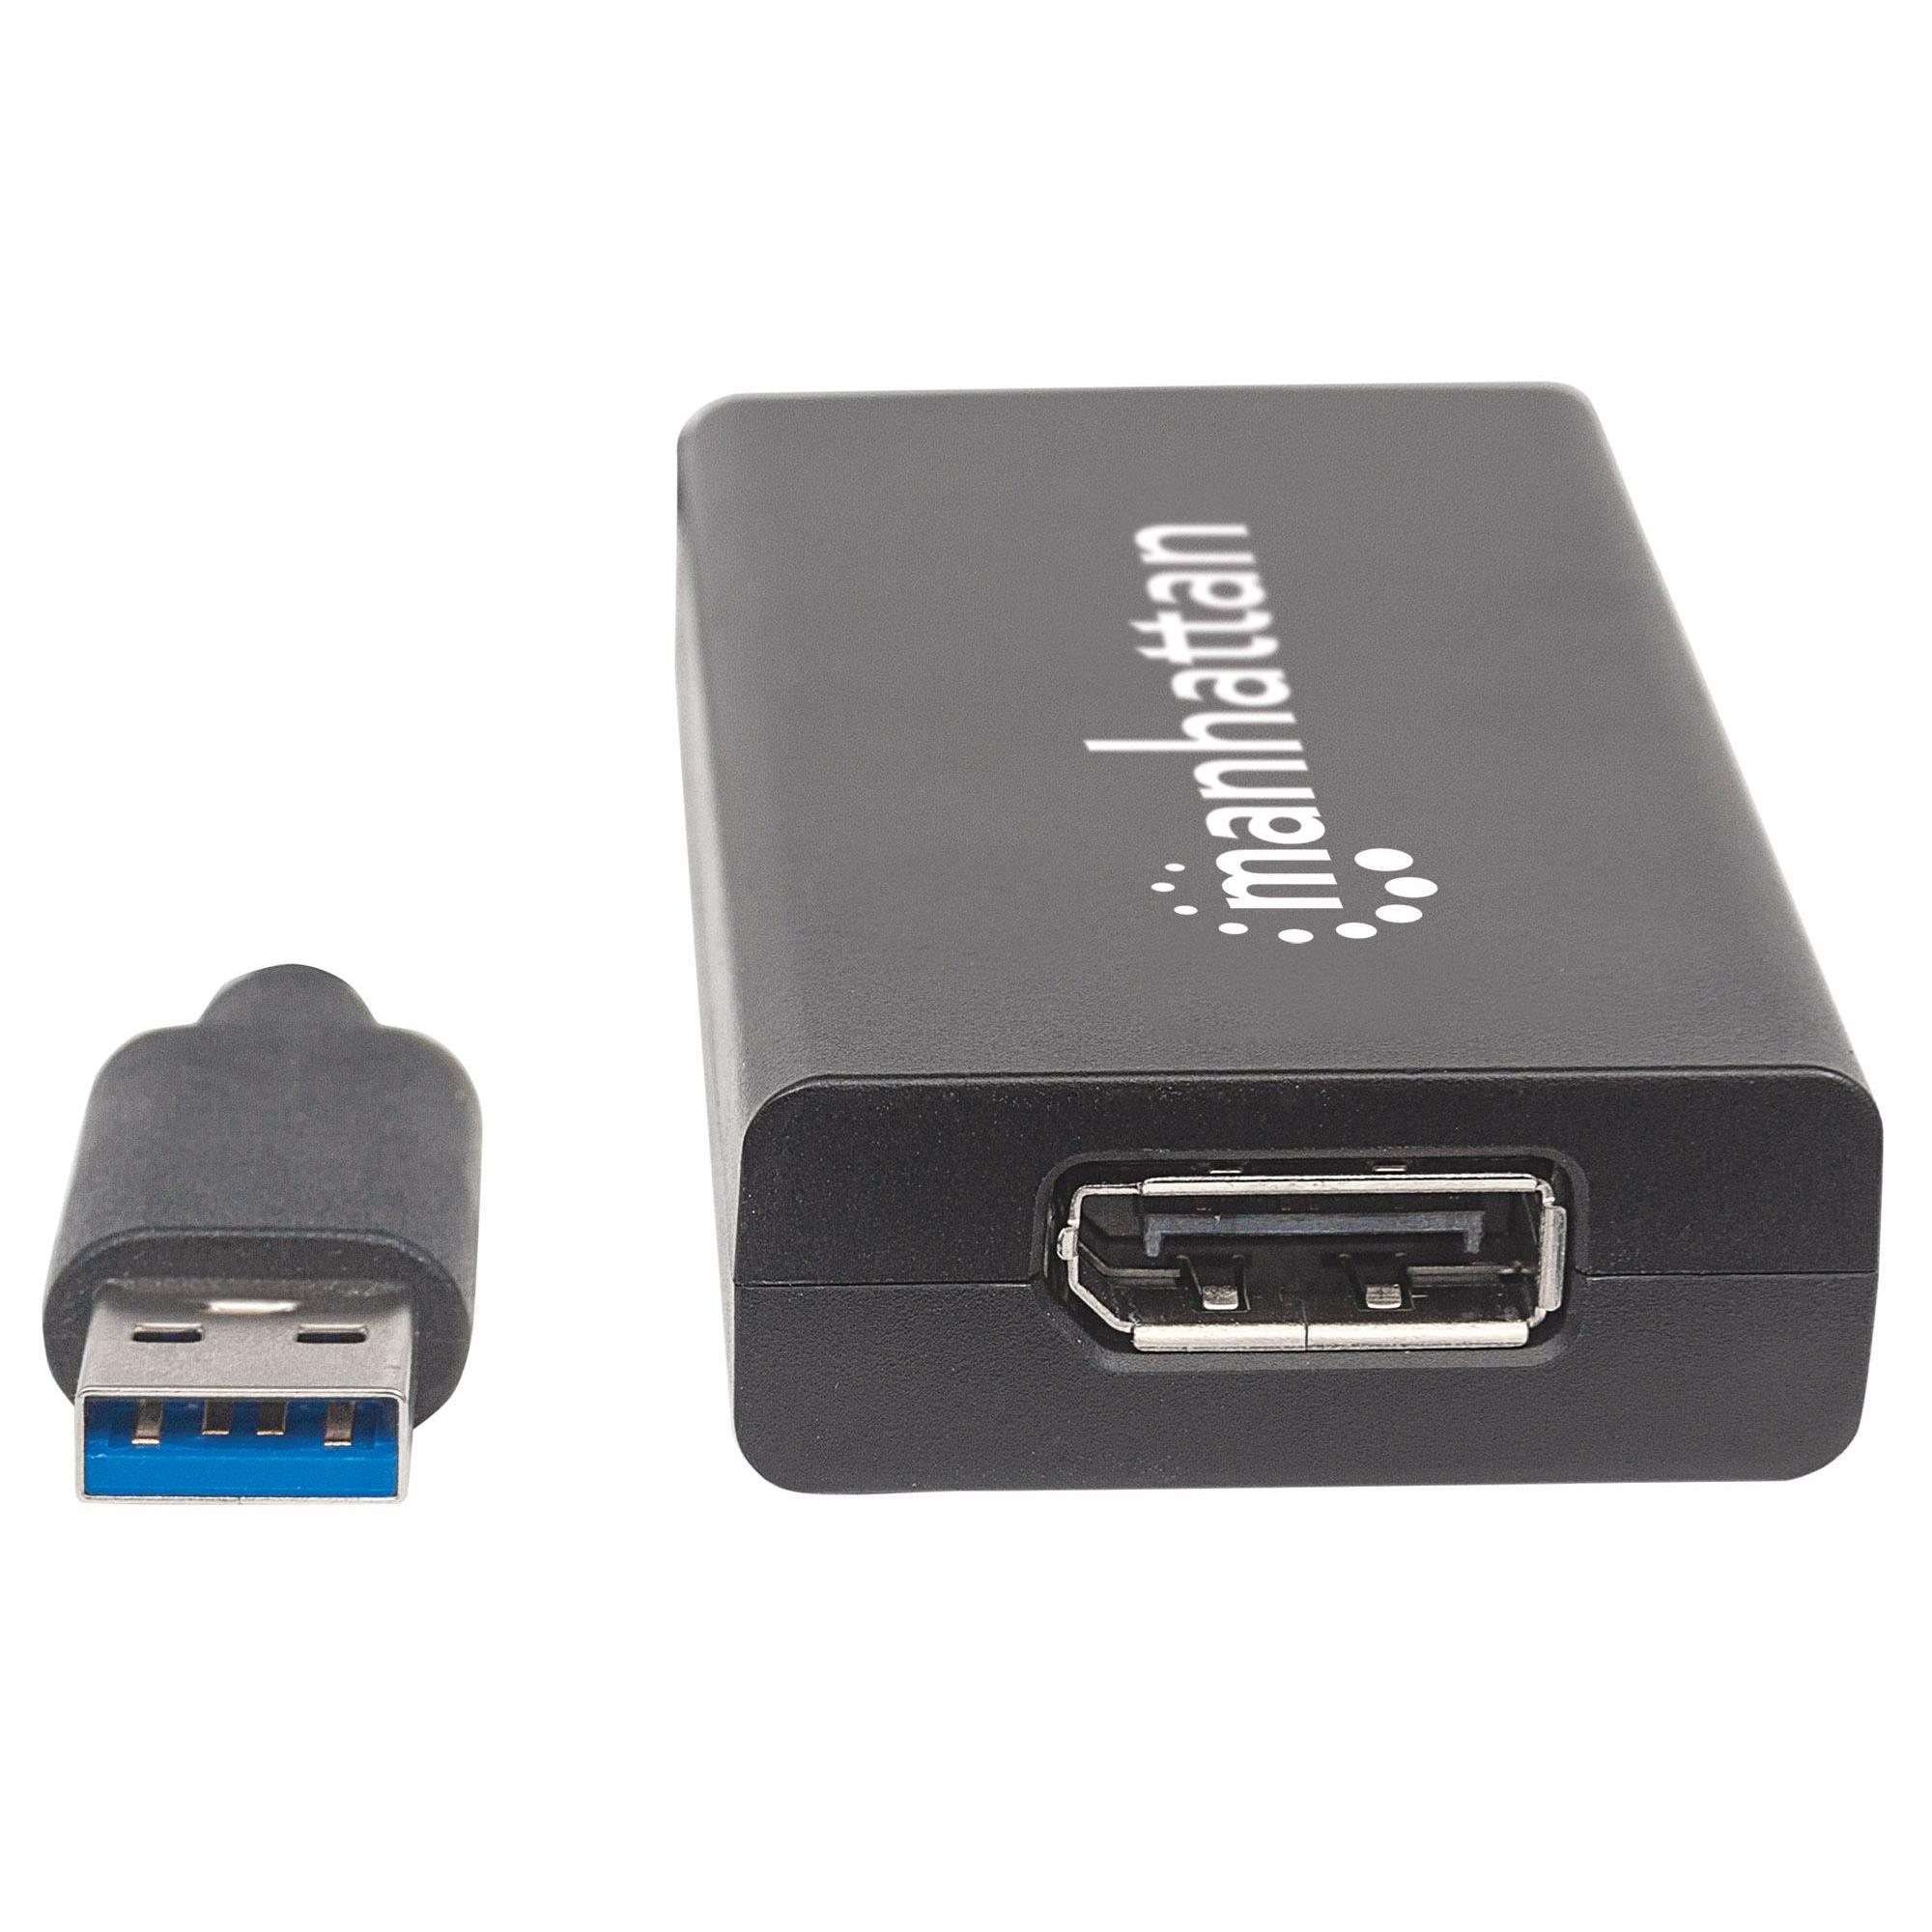 Convertitore da USB 3.0 a DP (Display port)